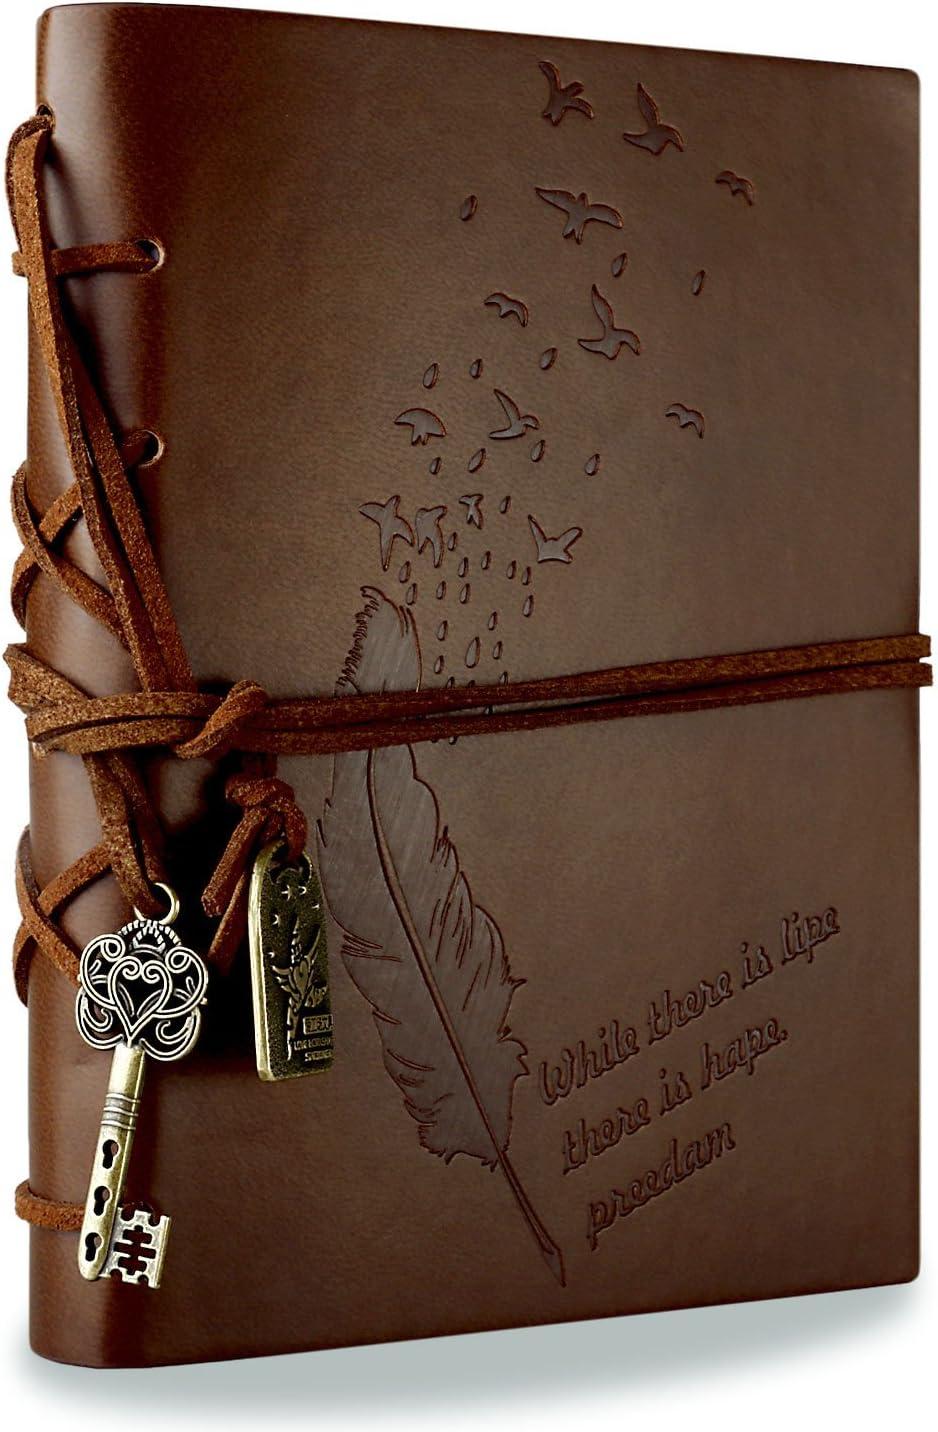 Foonii Cubierta de cuero de la vendimia retro Notebook llave mágica Cadena 160 en blanco Jotter Diary (Brown)